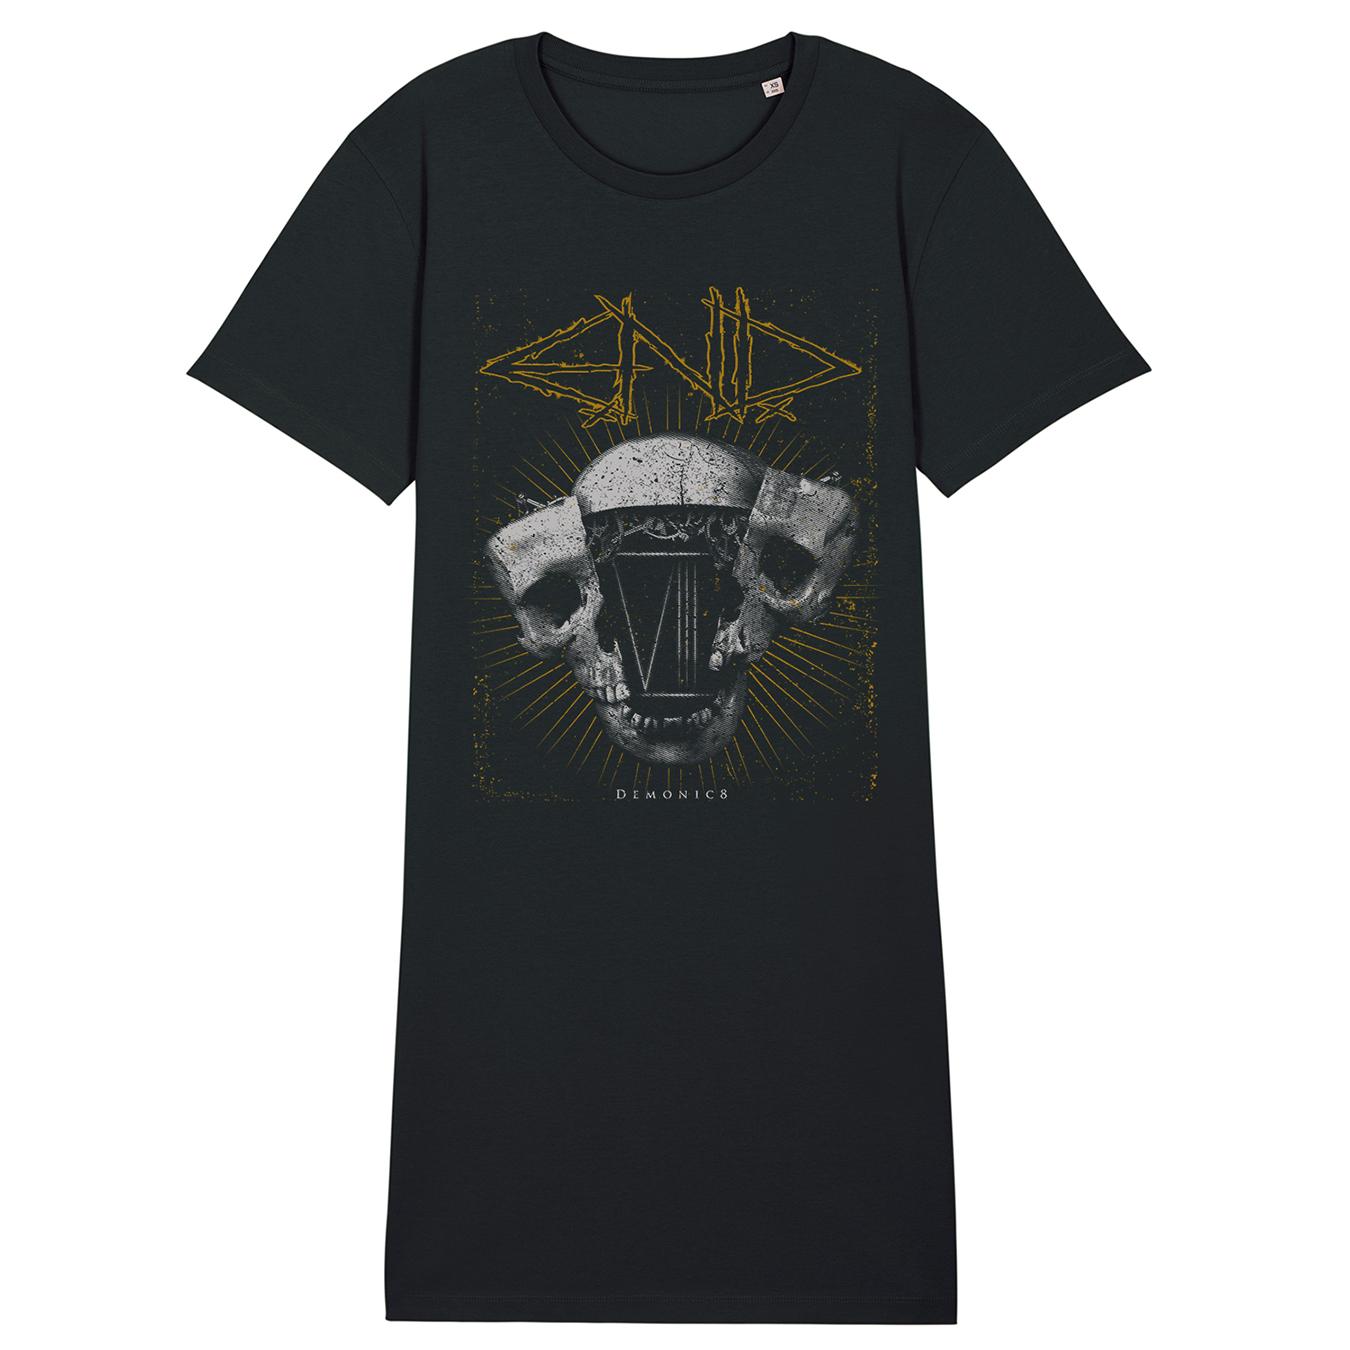 E.N.D. - Demonic8 - T-Shirt Dress